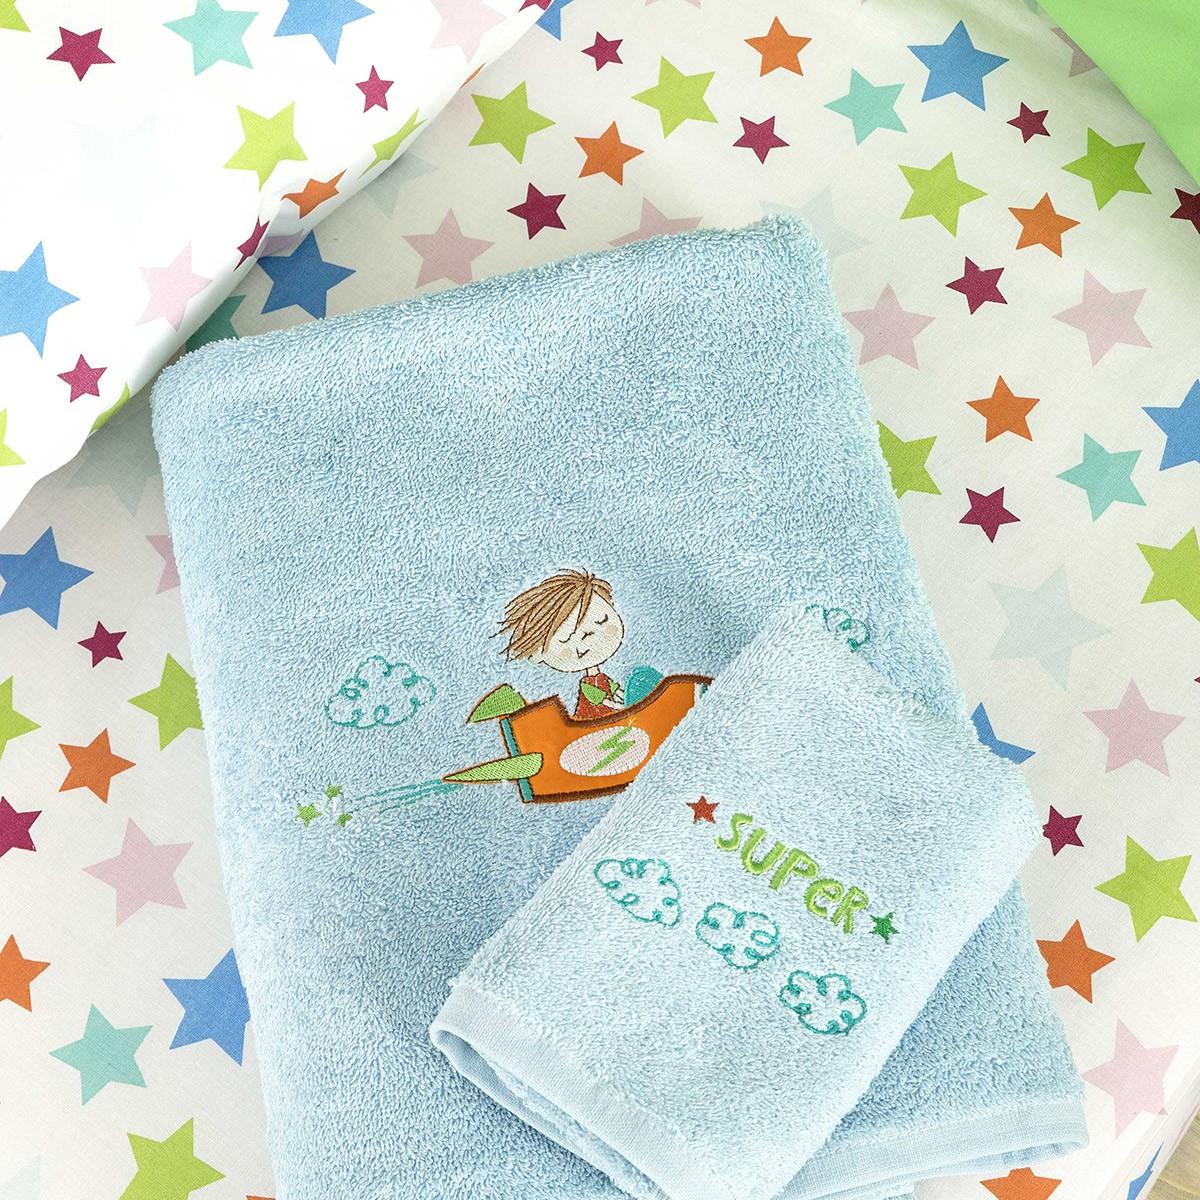 Παιδικές Πετσέτες (Σετ 2τμχ) Nima Kids Bang